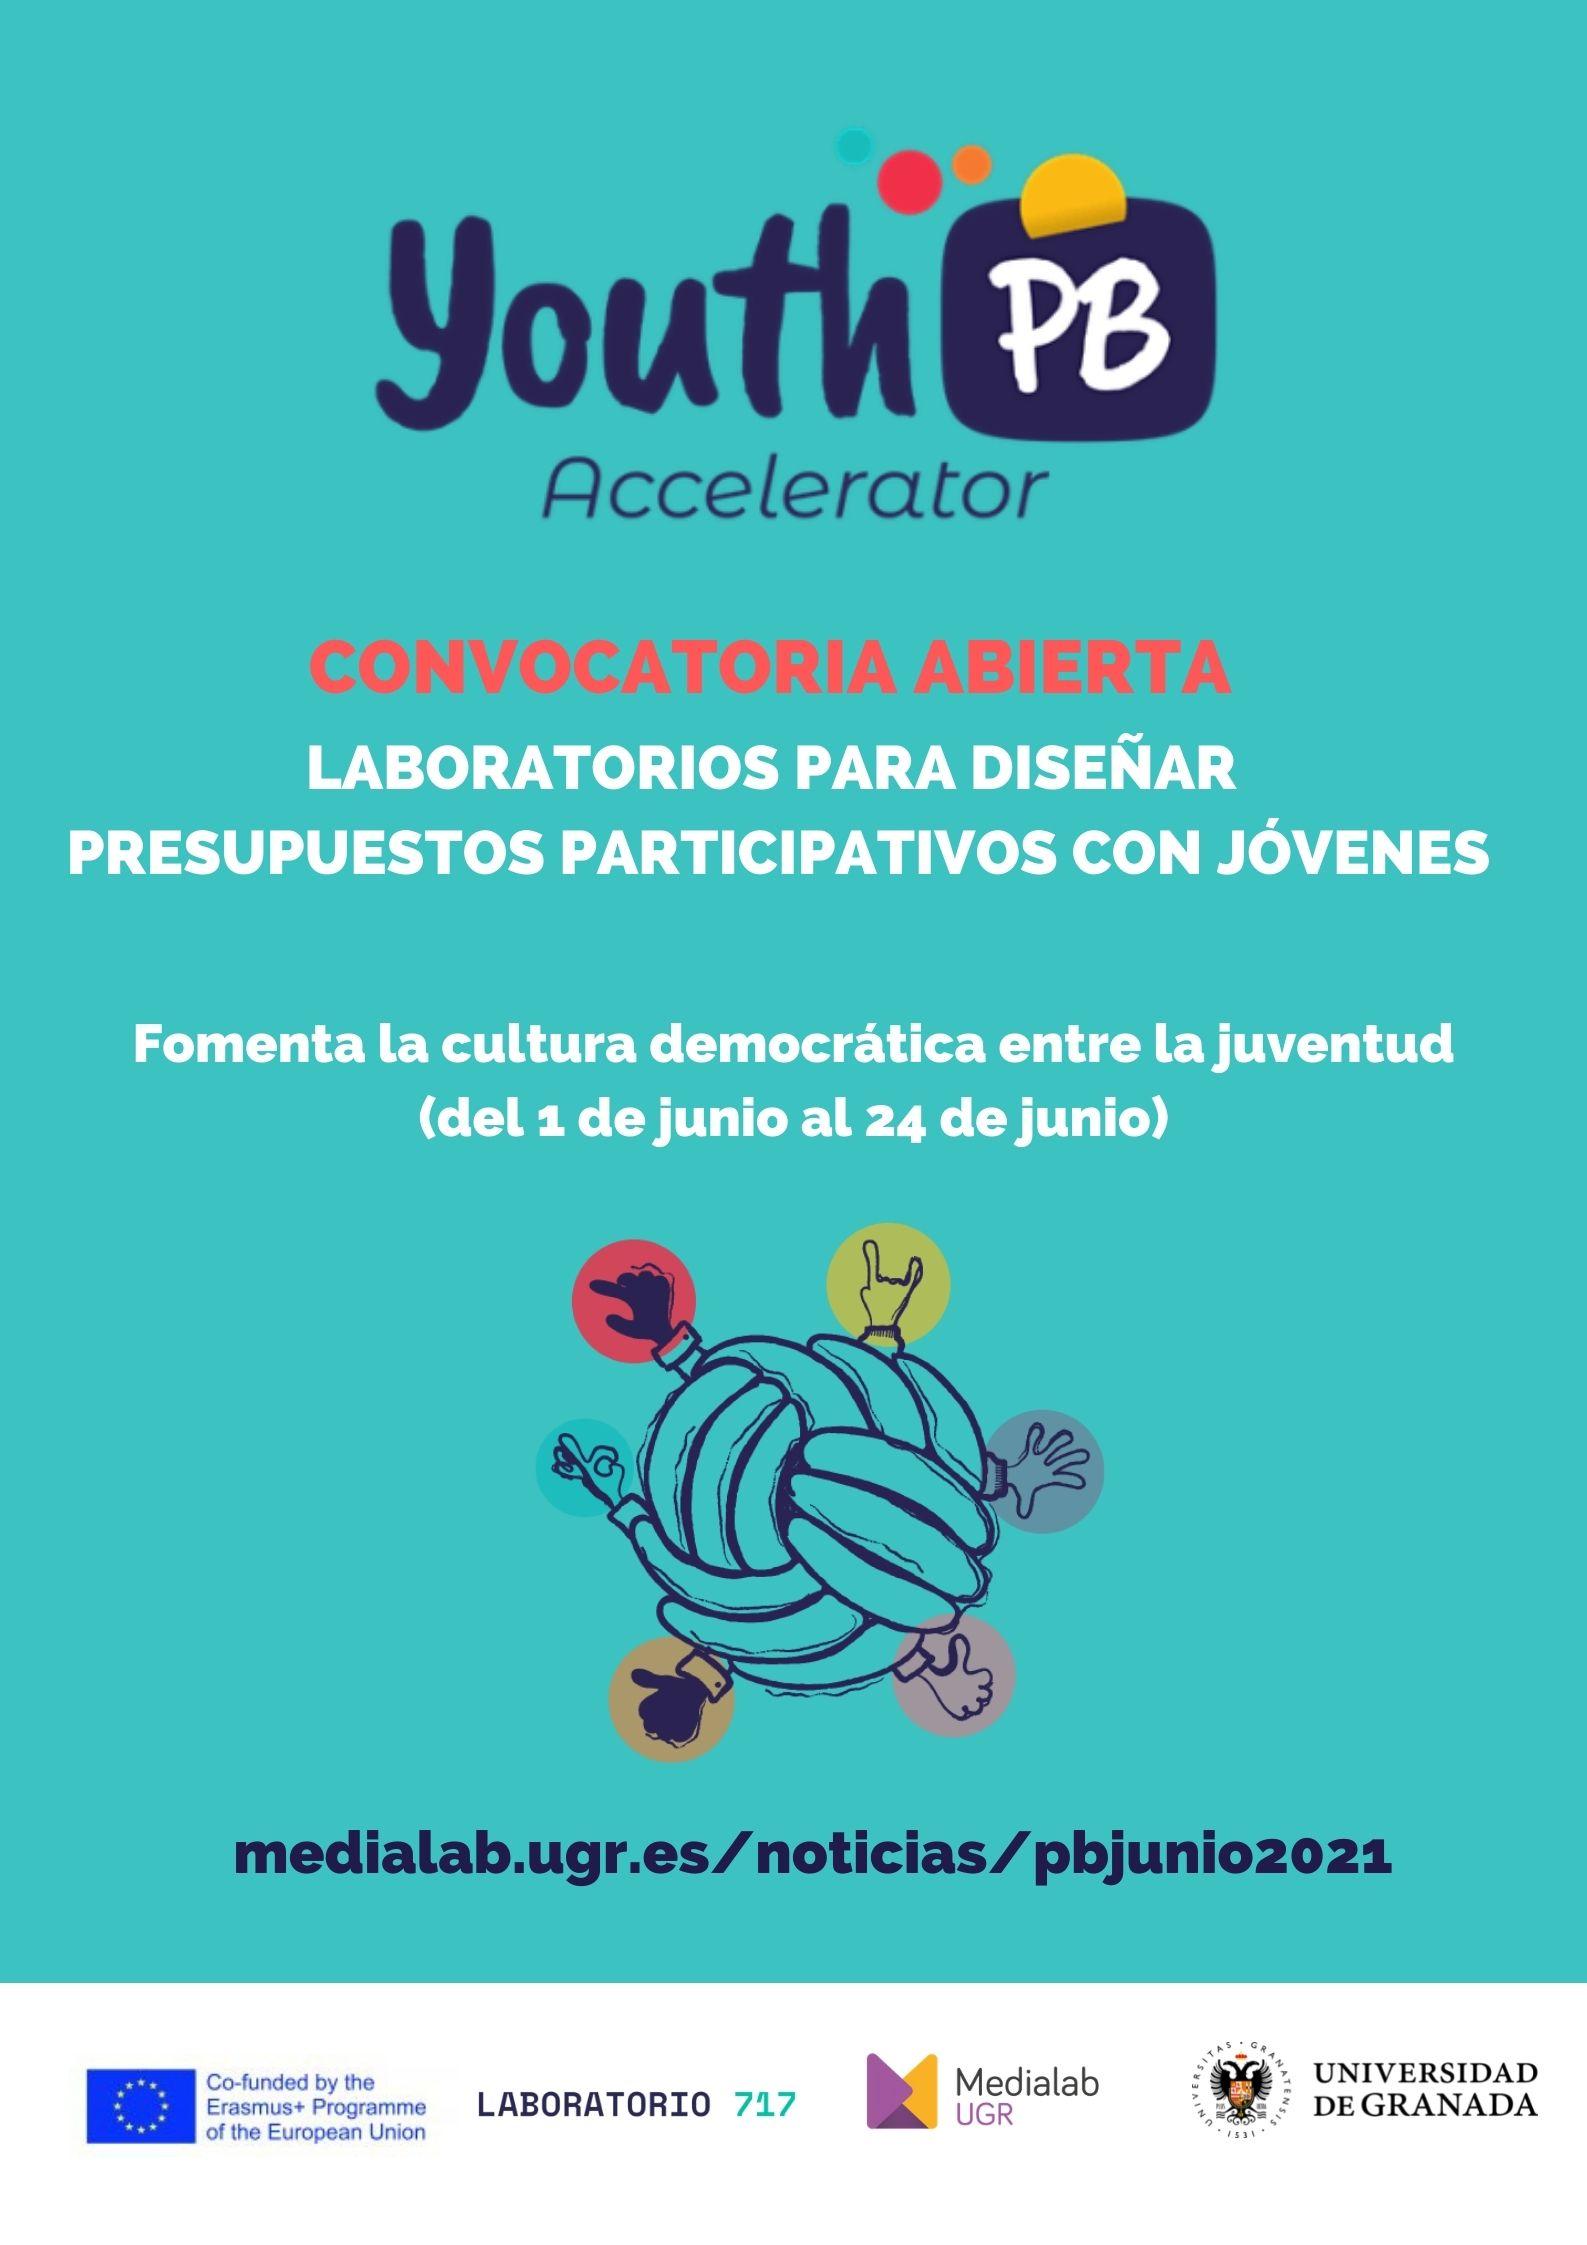 Imagen de la noticia Convocatoria abierta de laboratorios para diseñar presupuestos participativos con jóvenes